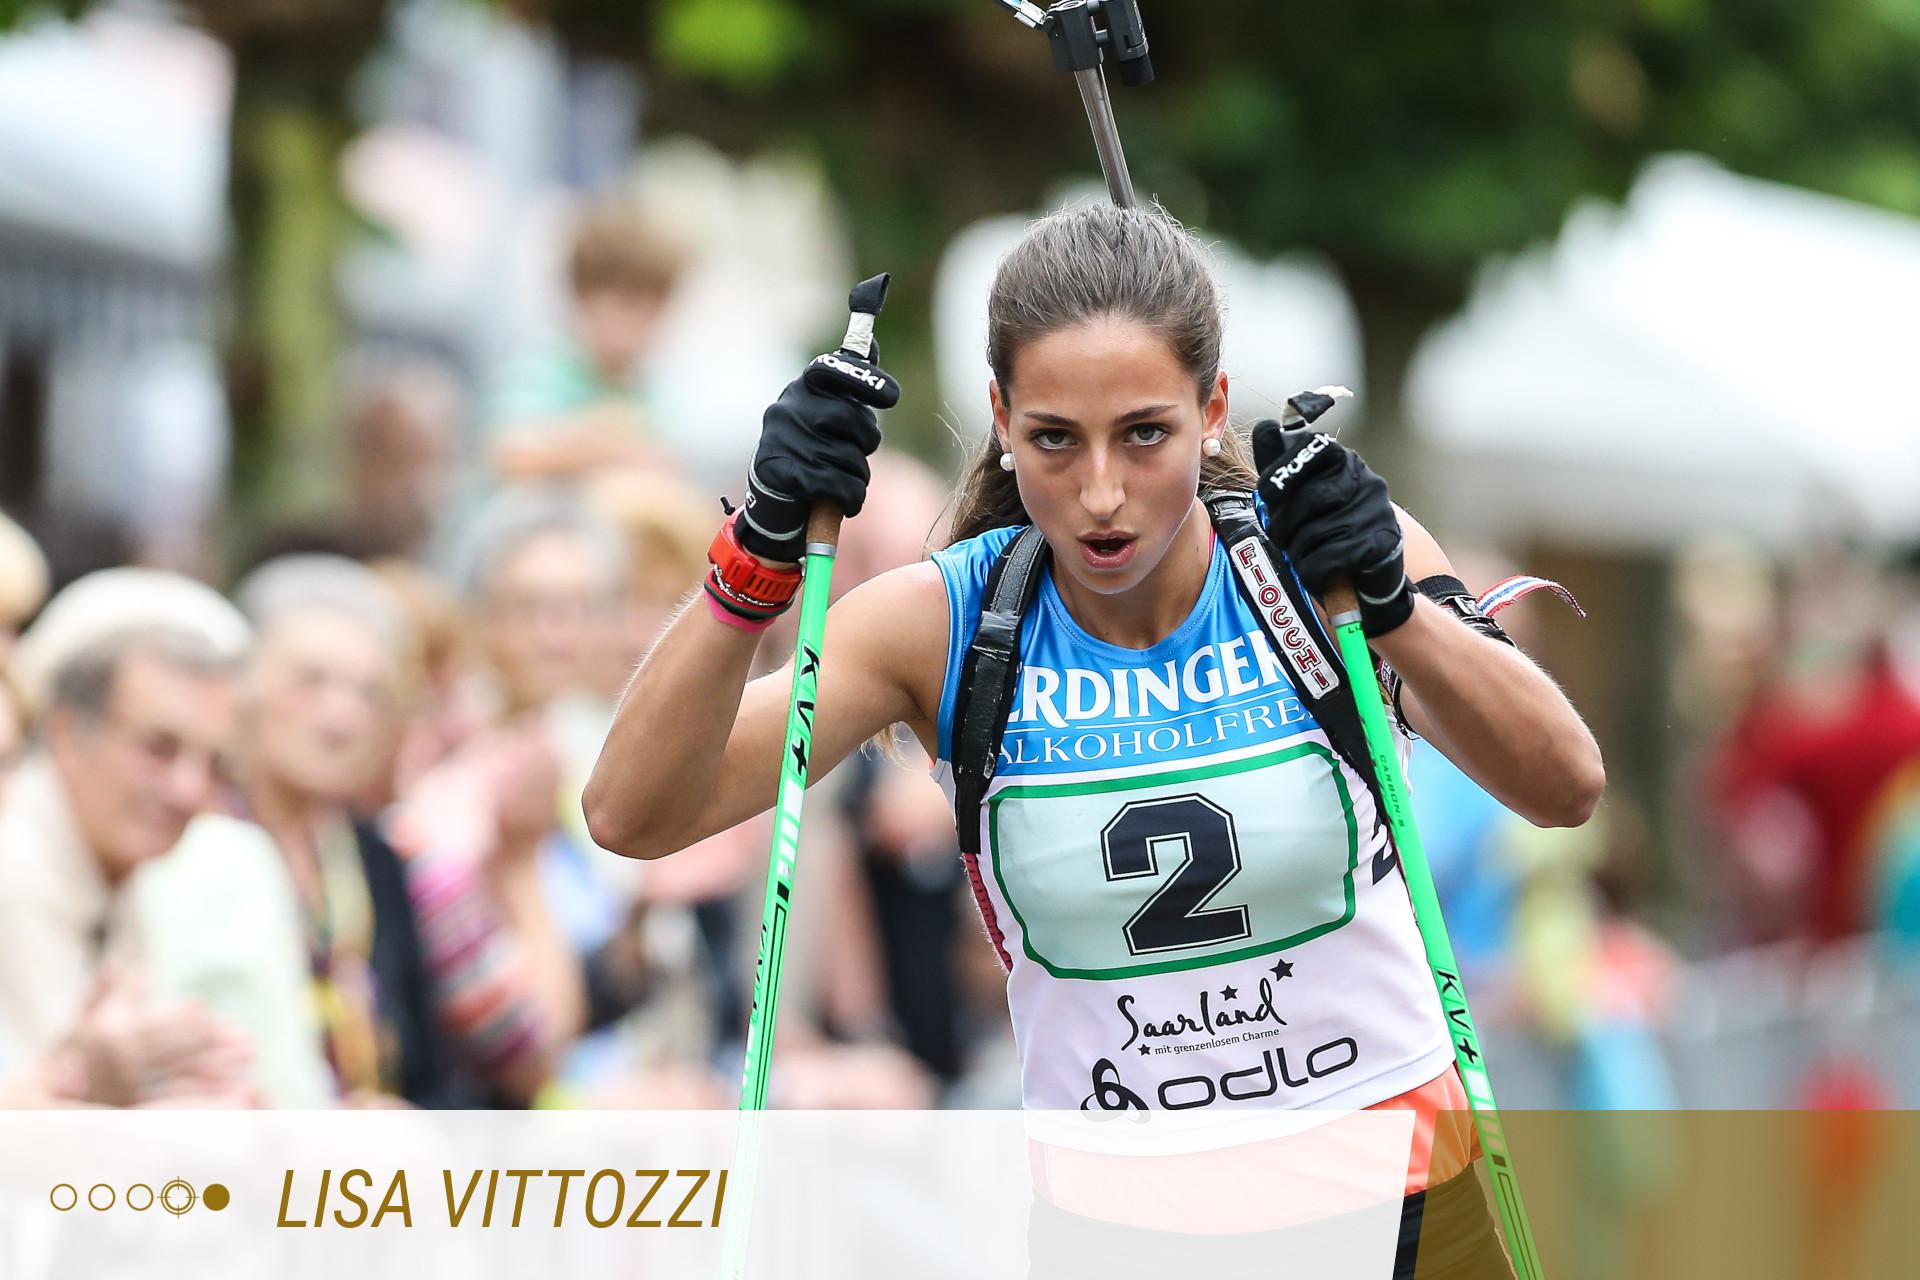 Athleten_LisaVittozzi